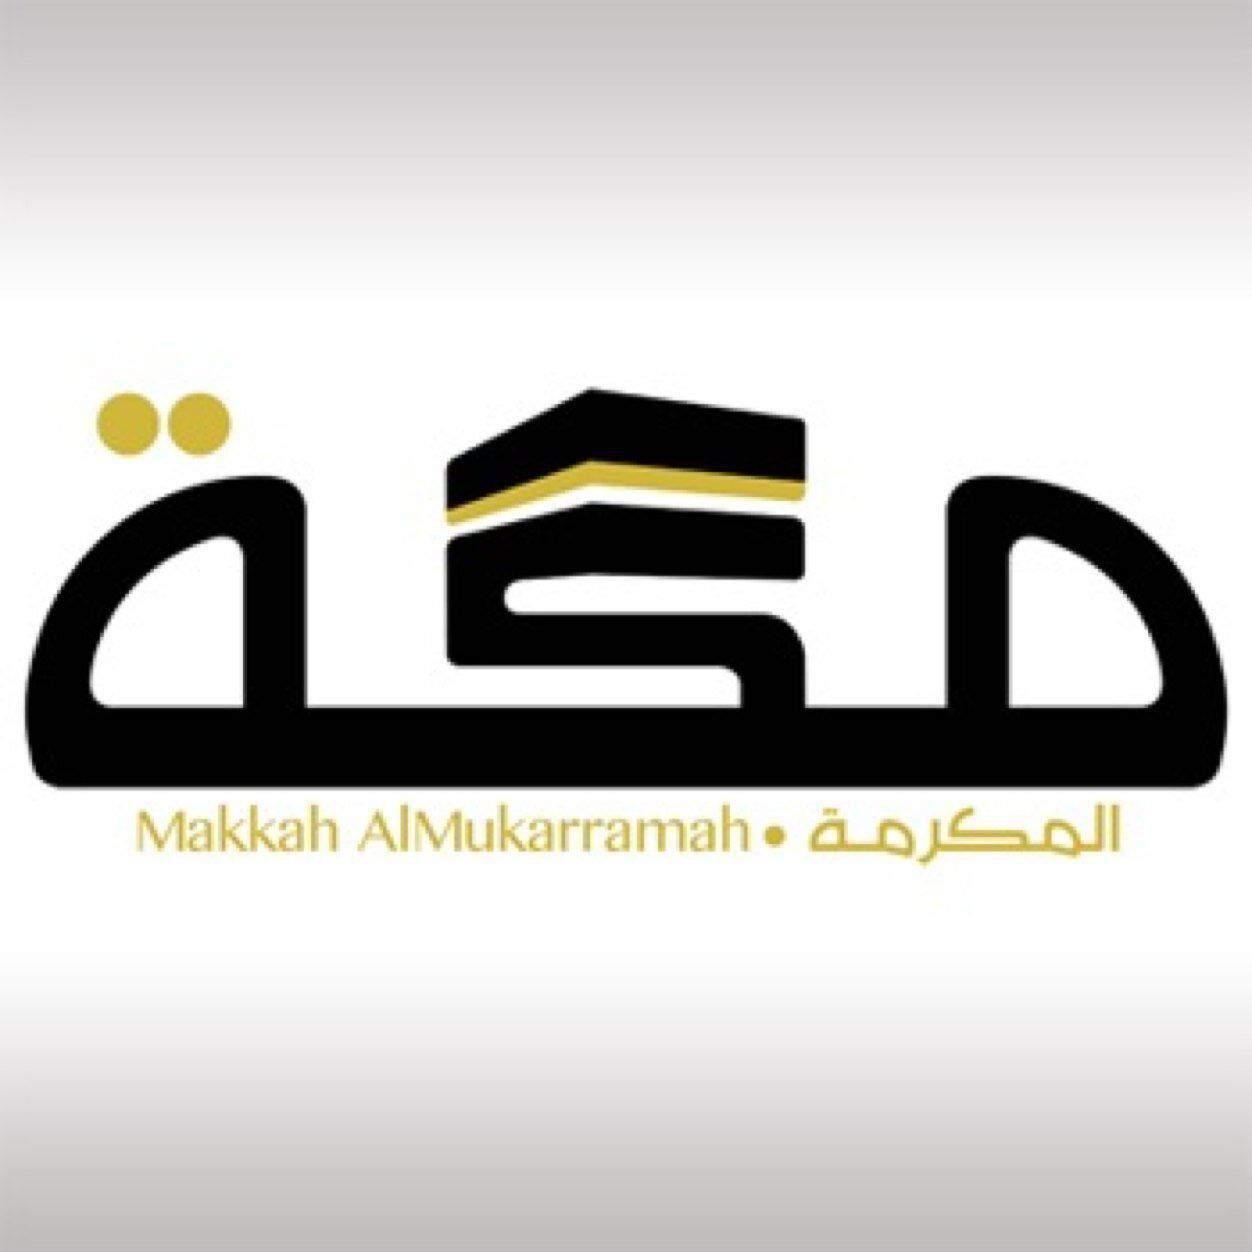 الرمز البريدي لمنطقة جازان و مكة المكرمة المرسال